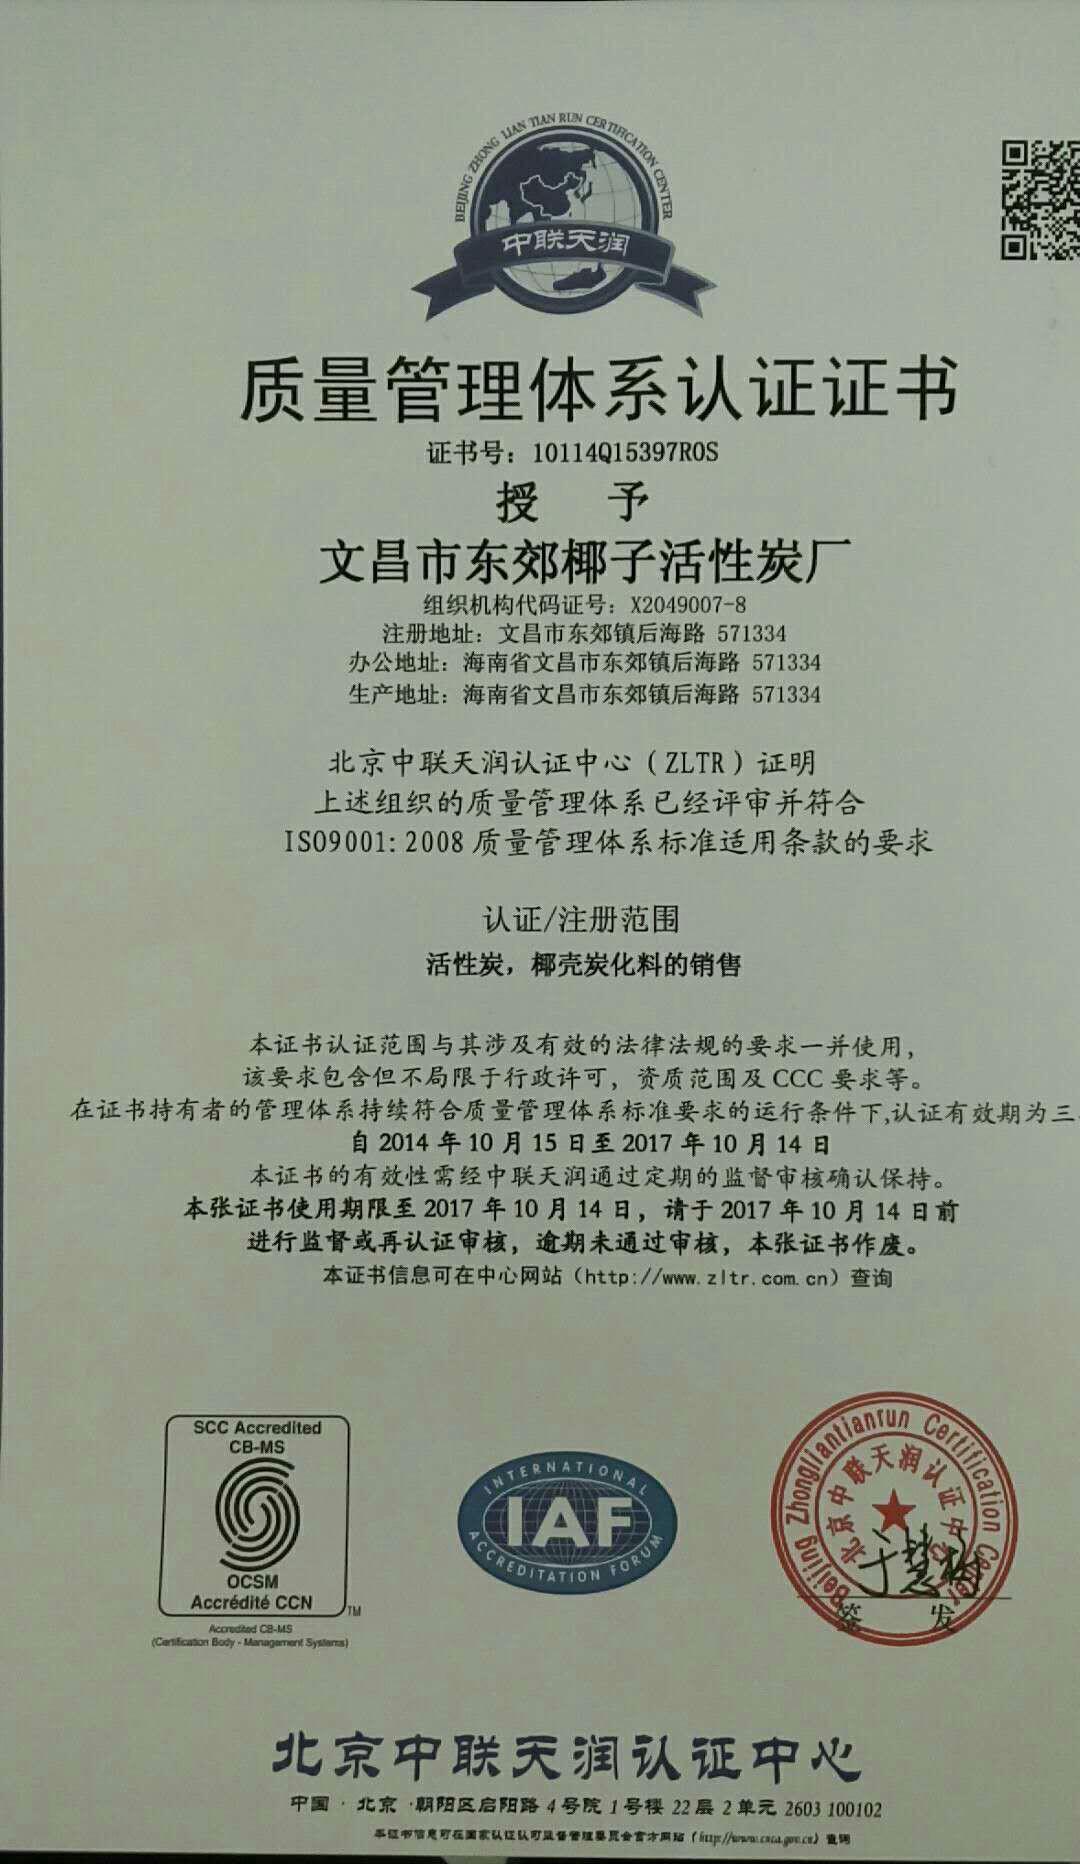 管理体系质量认证证书_01.jpg